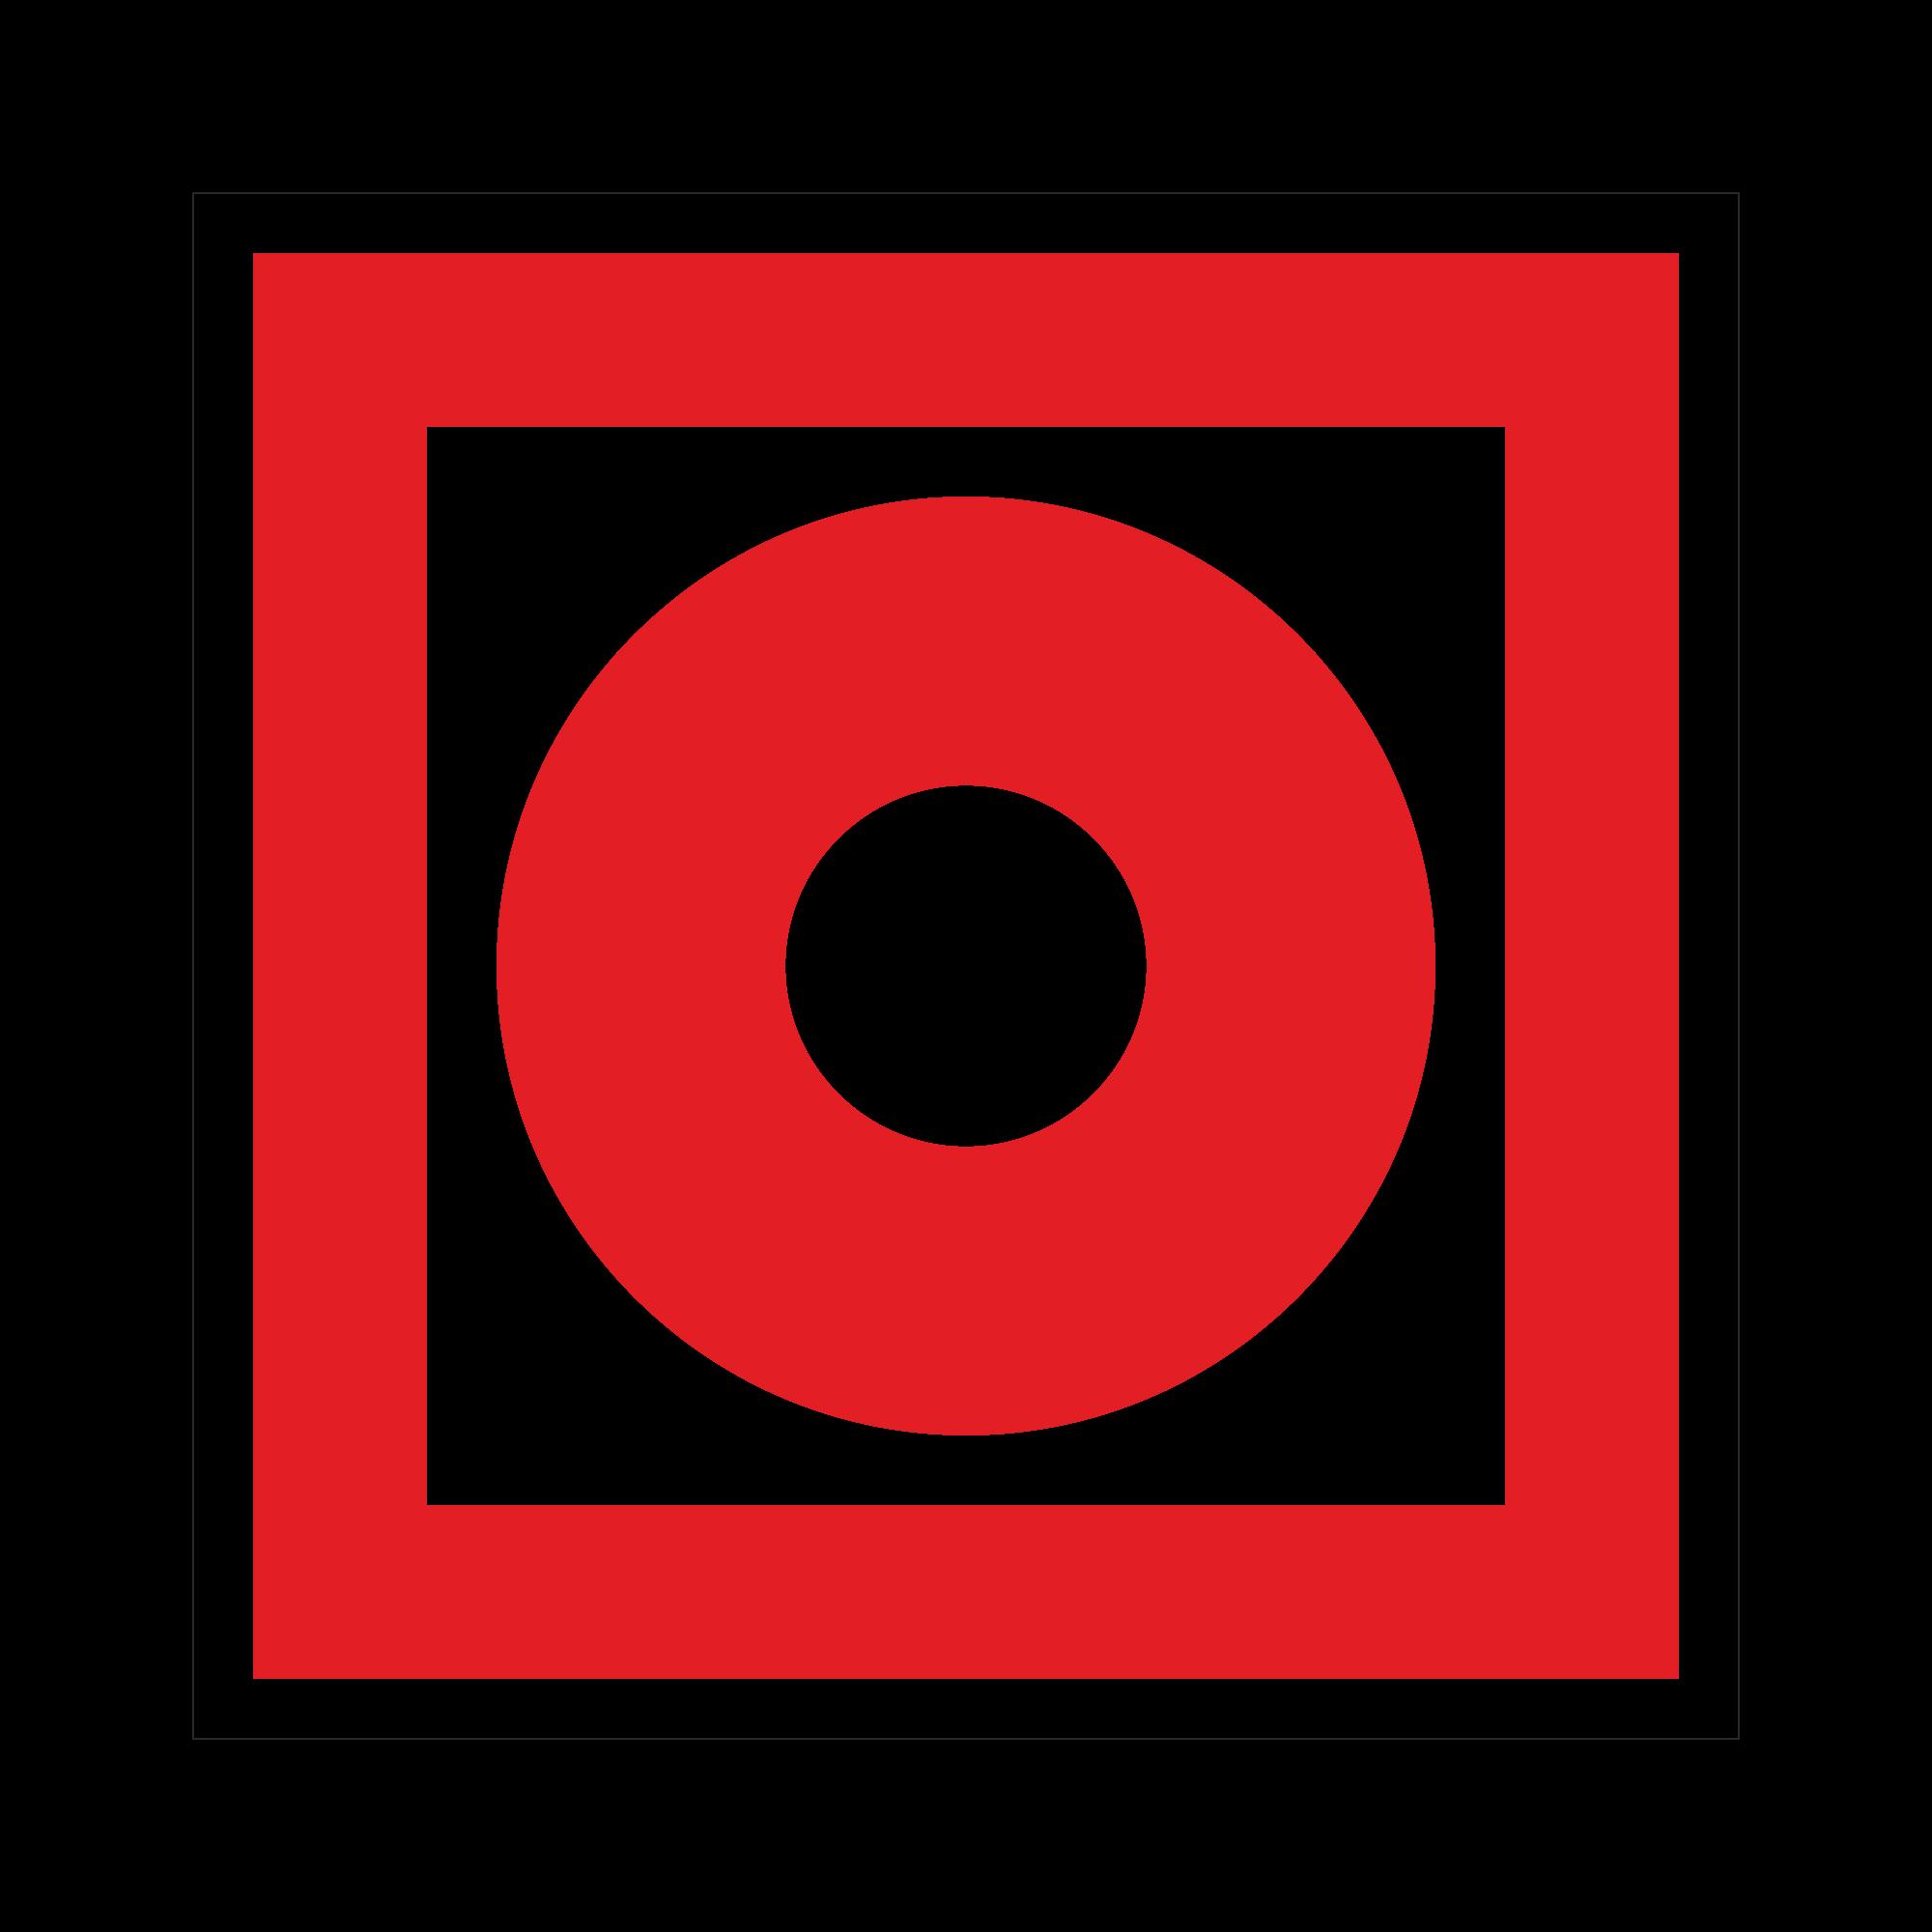 F10 Кнопка включения установок (систем) пожарной автоматики